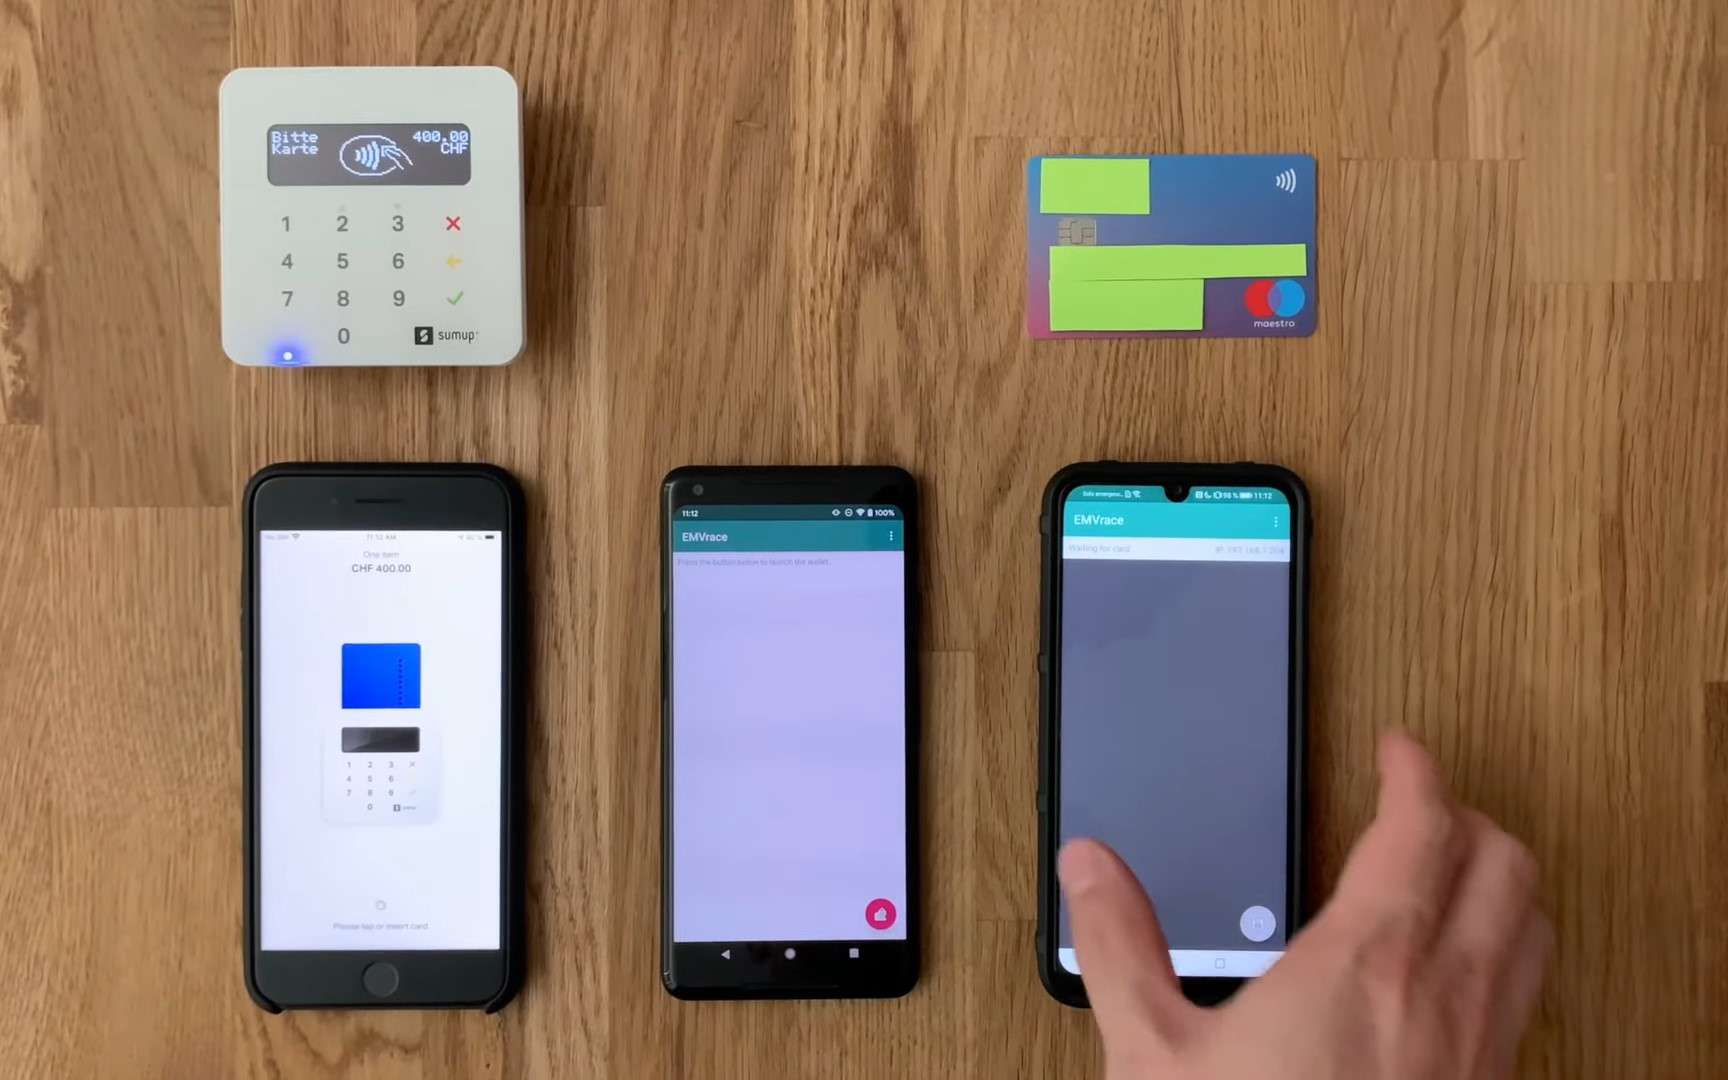 Attention, il est possible de pirater une carte bancaire avec un smartphone - Futura